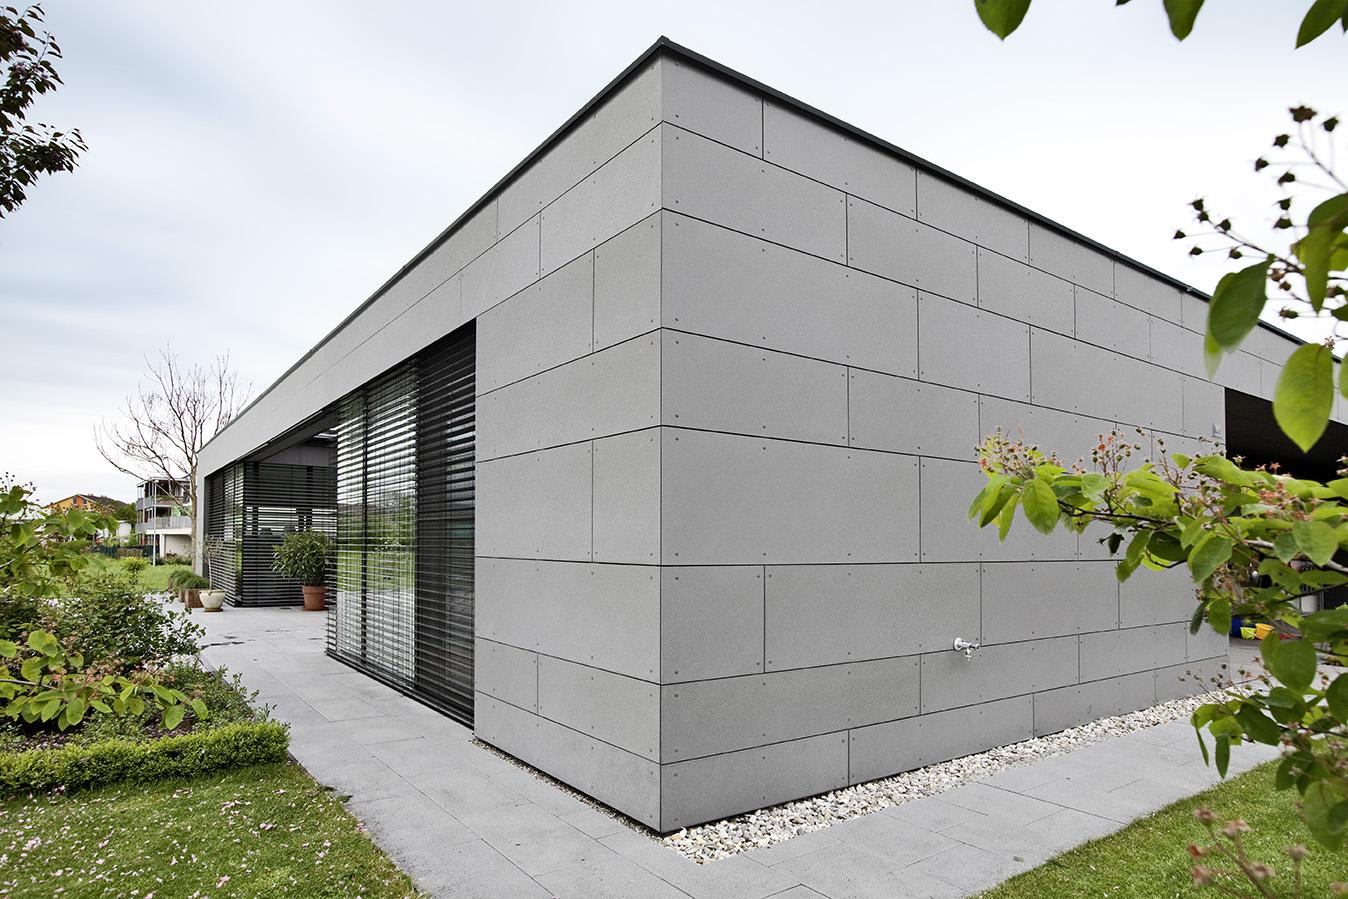 Schwarzachtobler Sandstein Fassade